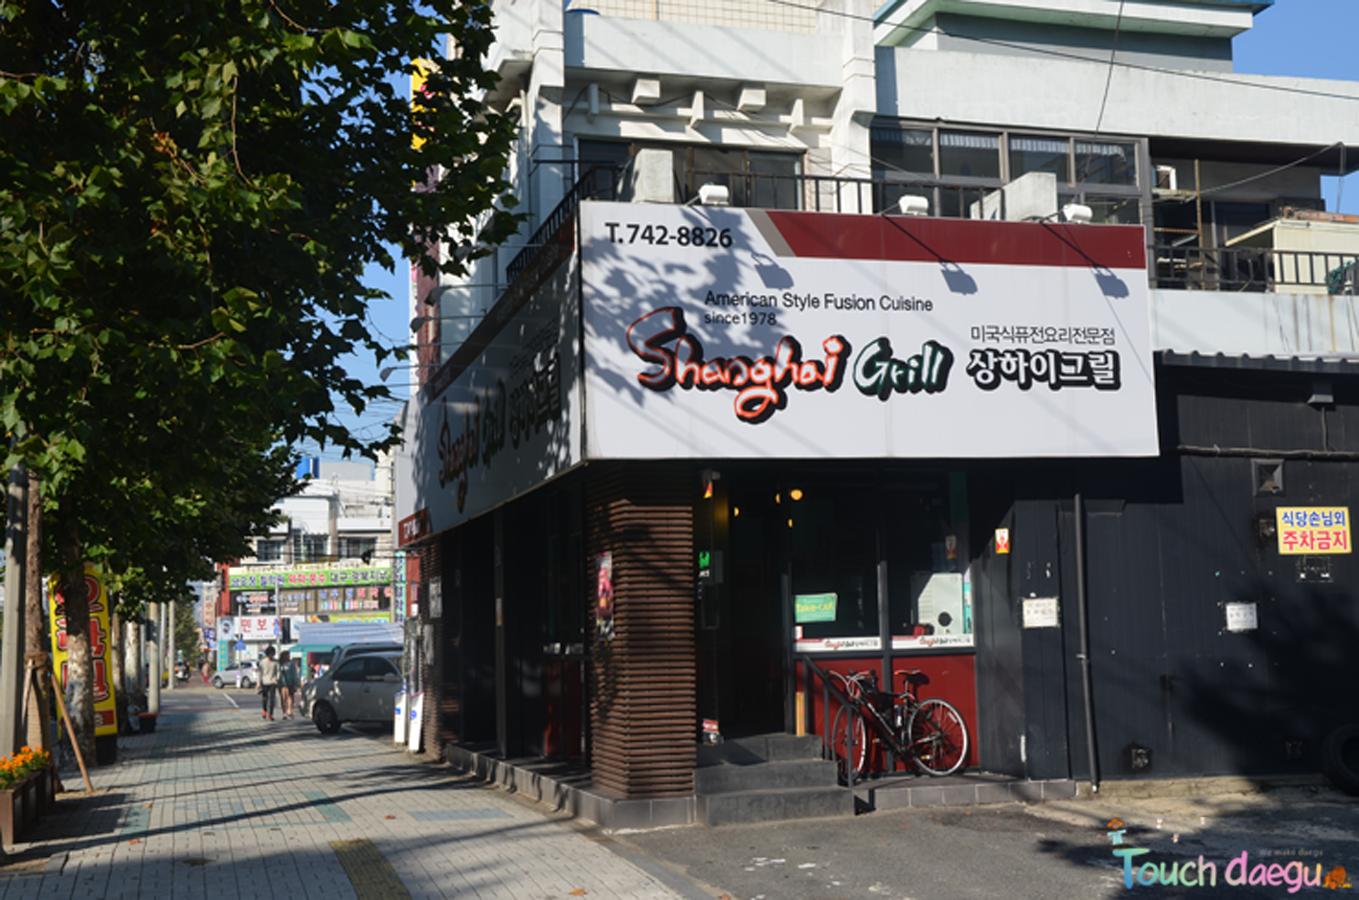 Shanhai Grill restaurant in Nam-gu, Daegu